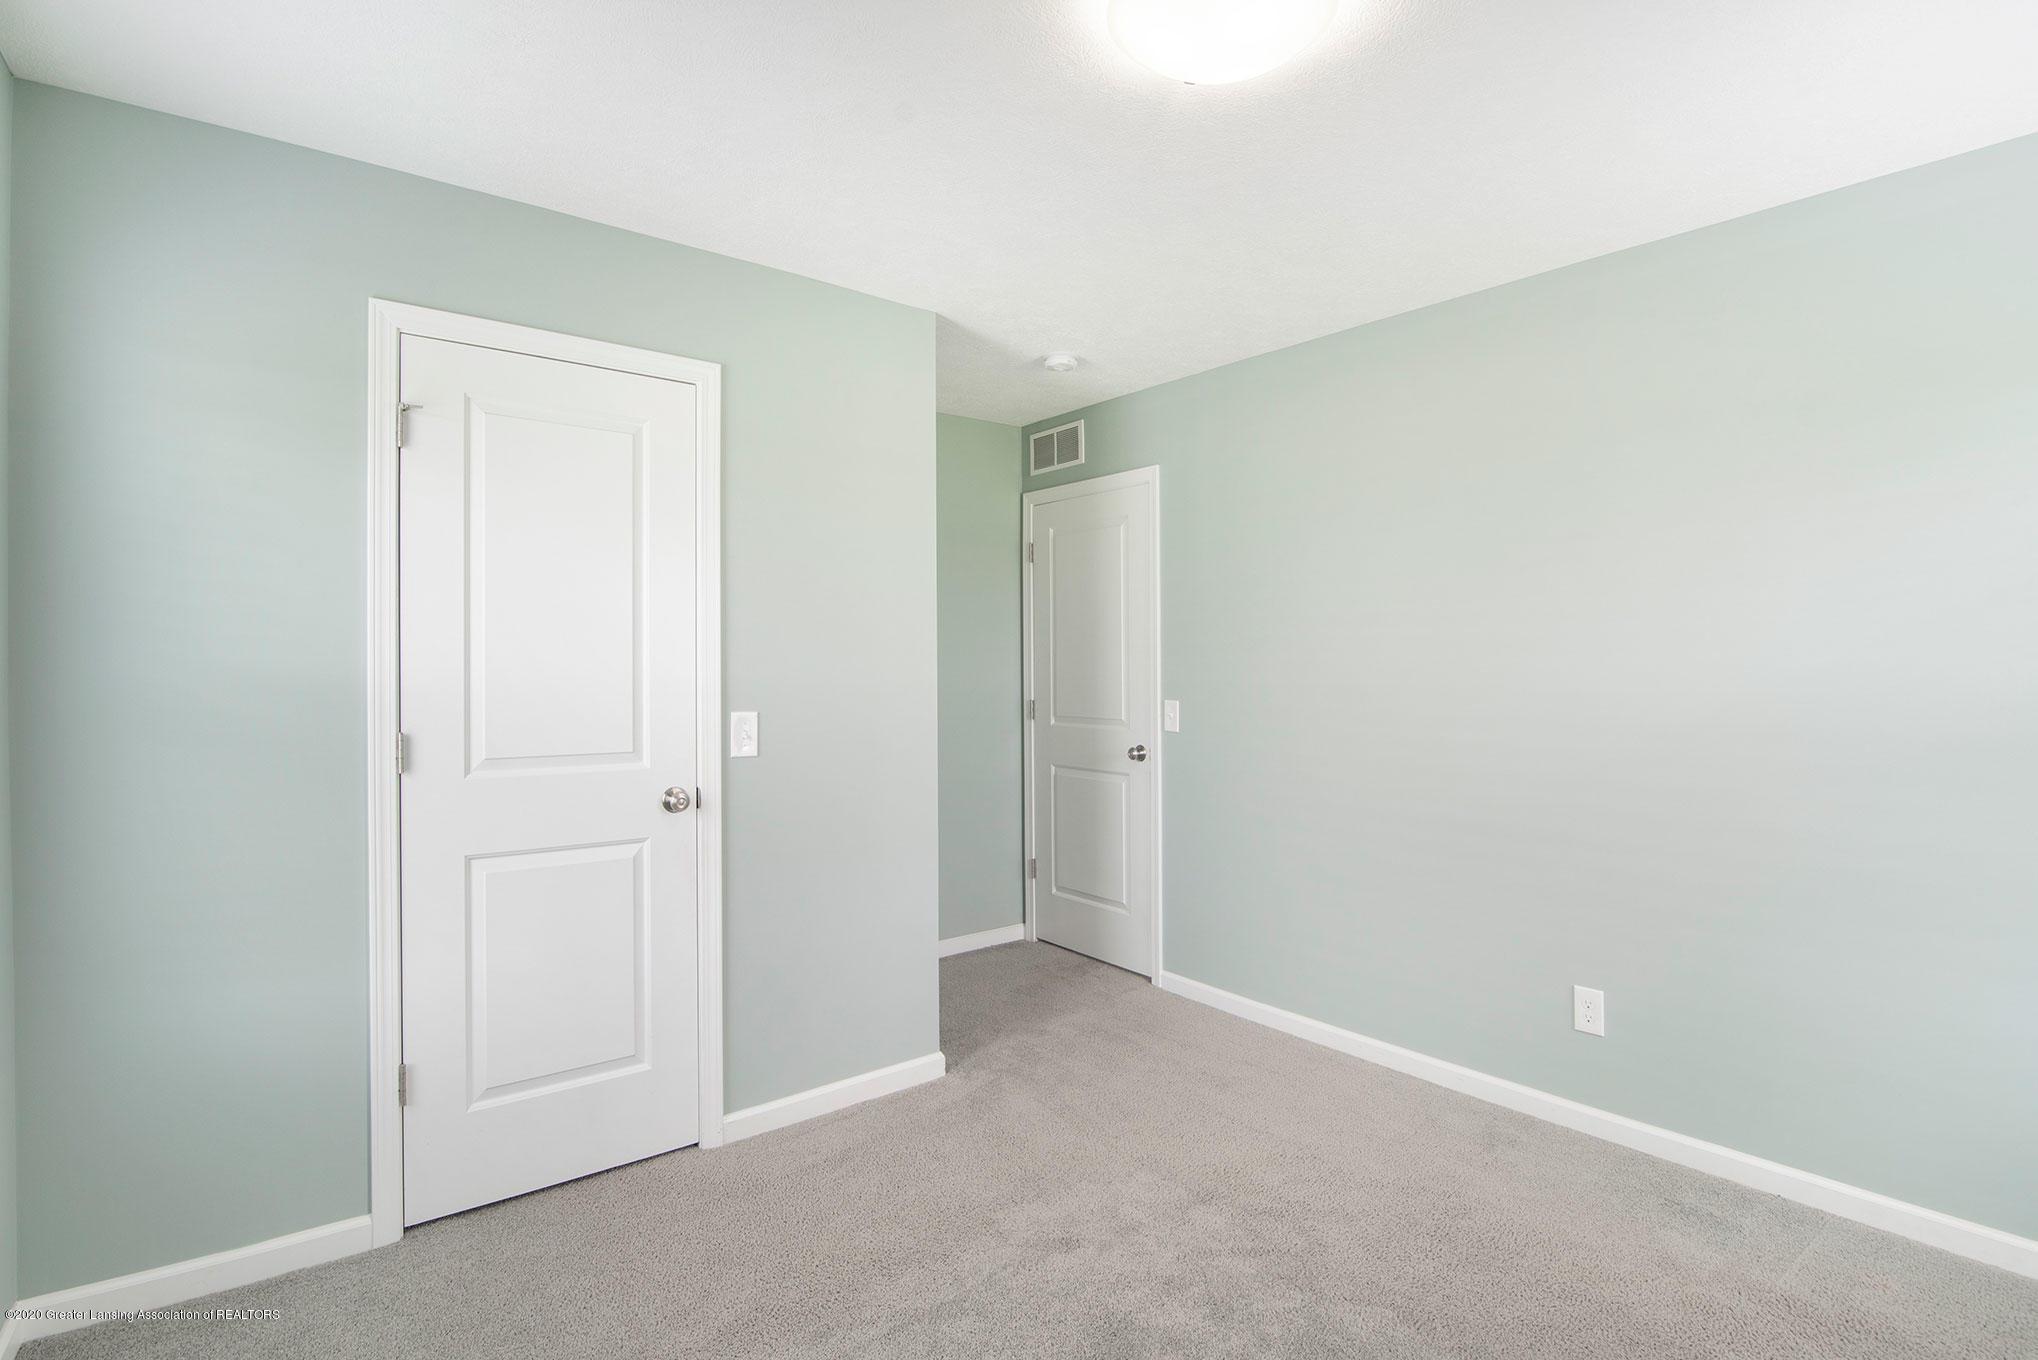 2818 Kittansett Dr - 2nd Bedroom - 42